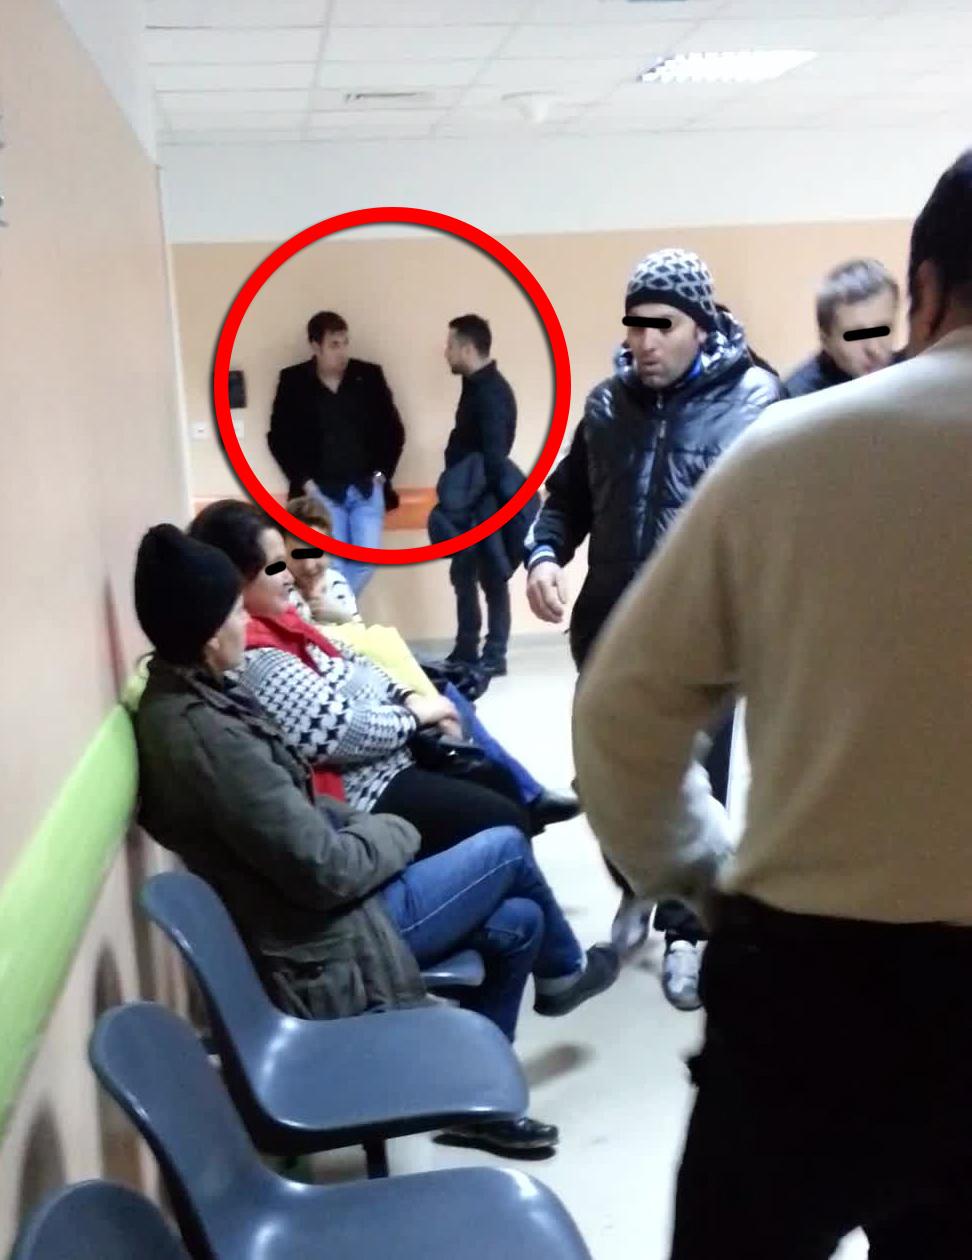 Cei doi membri ai formatiei lui Sorinel Pustiu asteapta pe holul spitalului